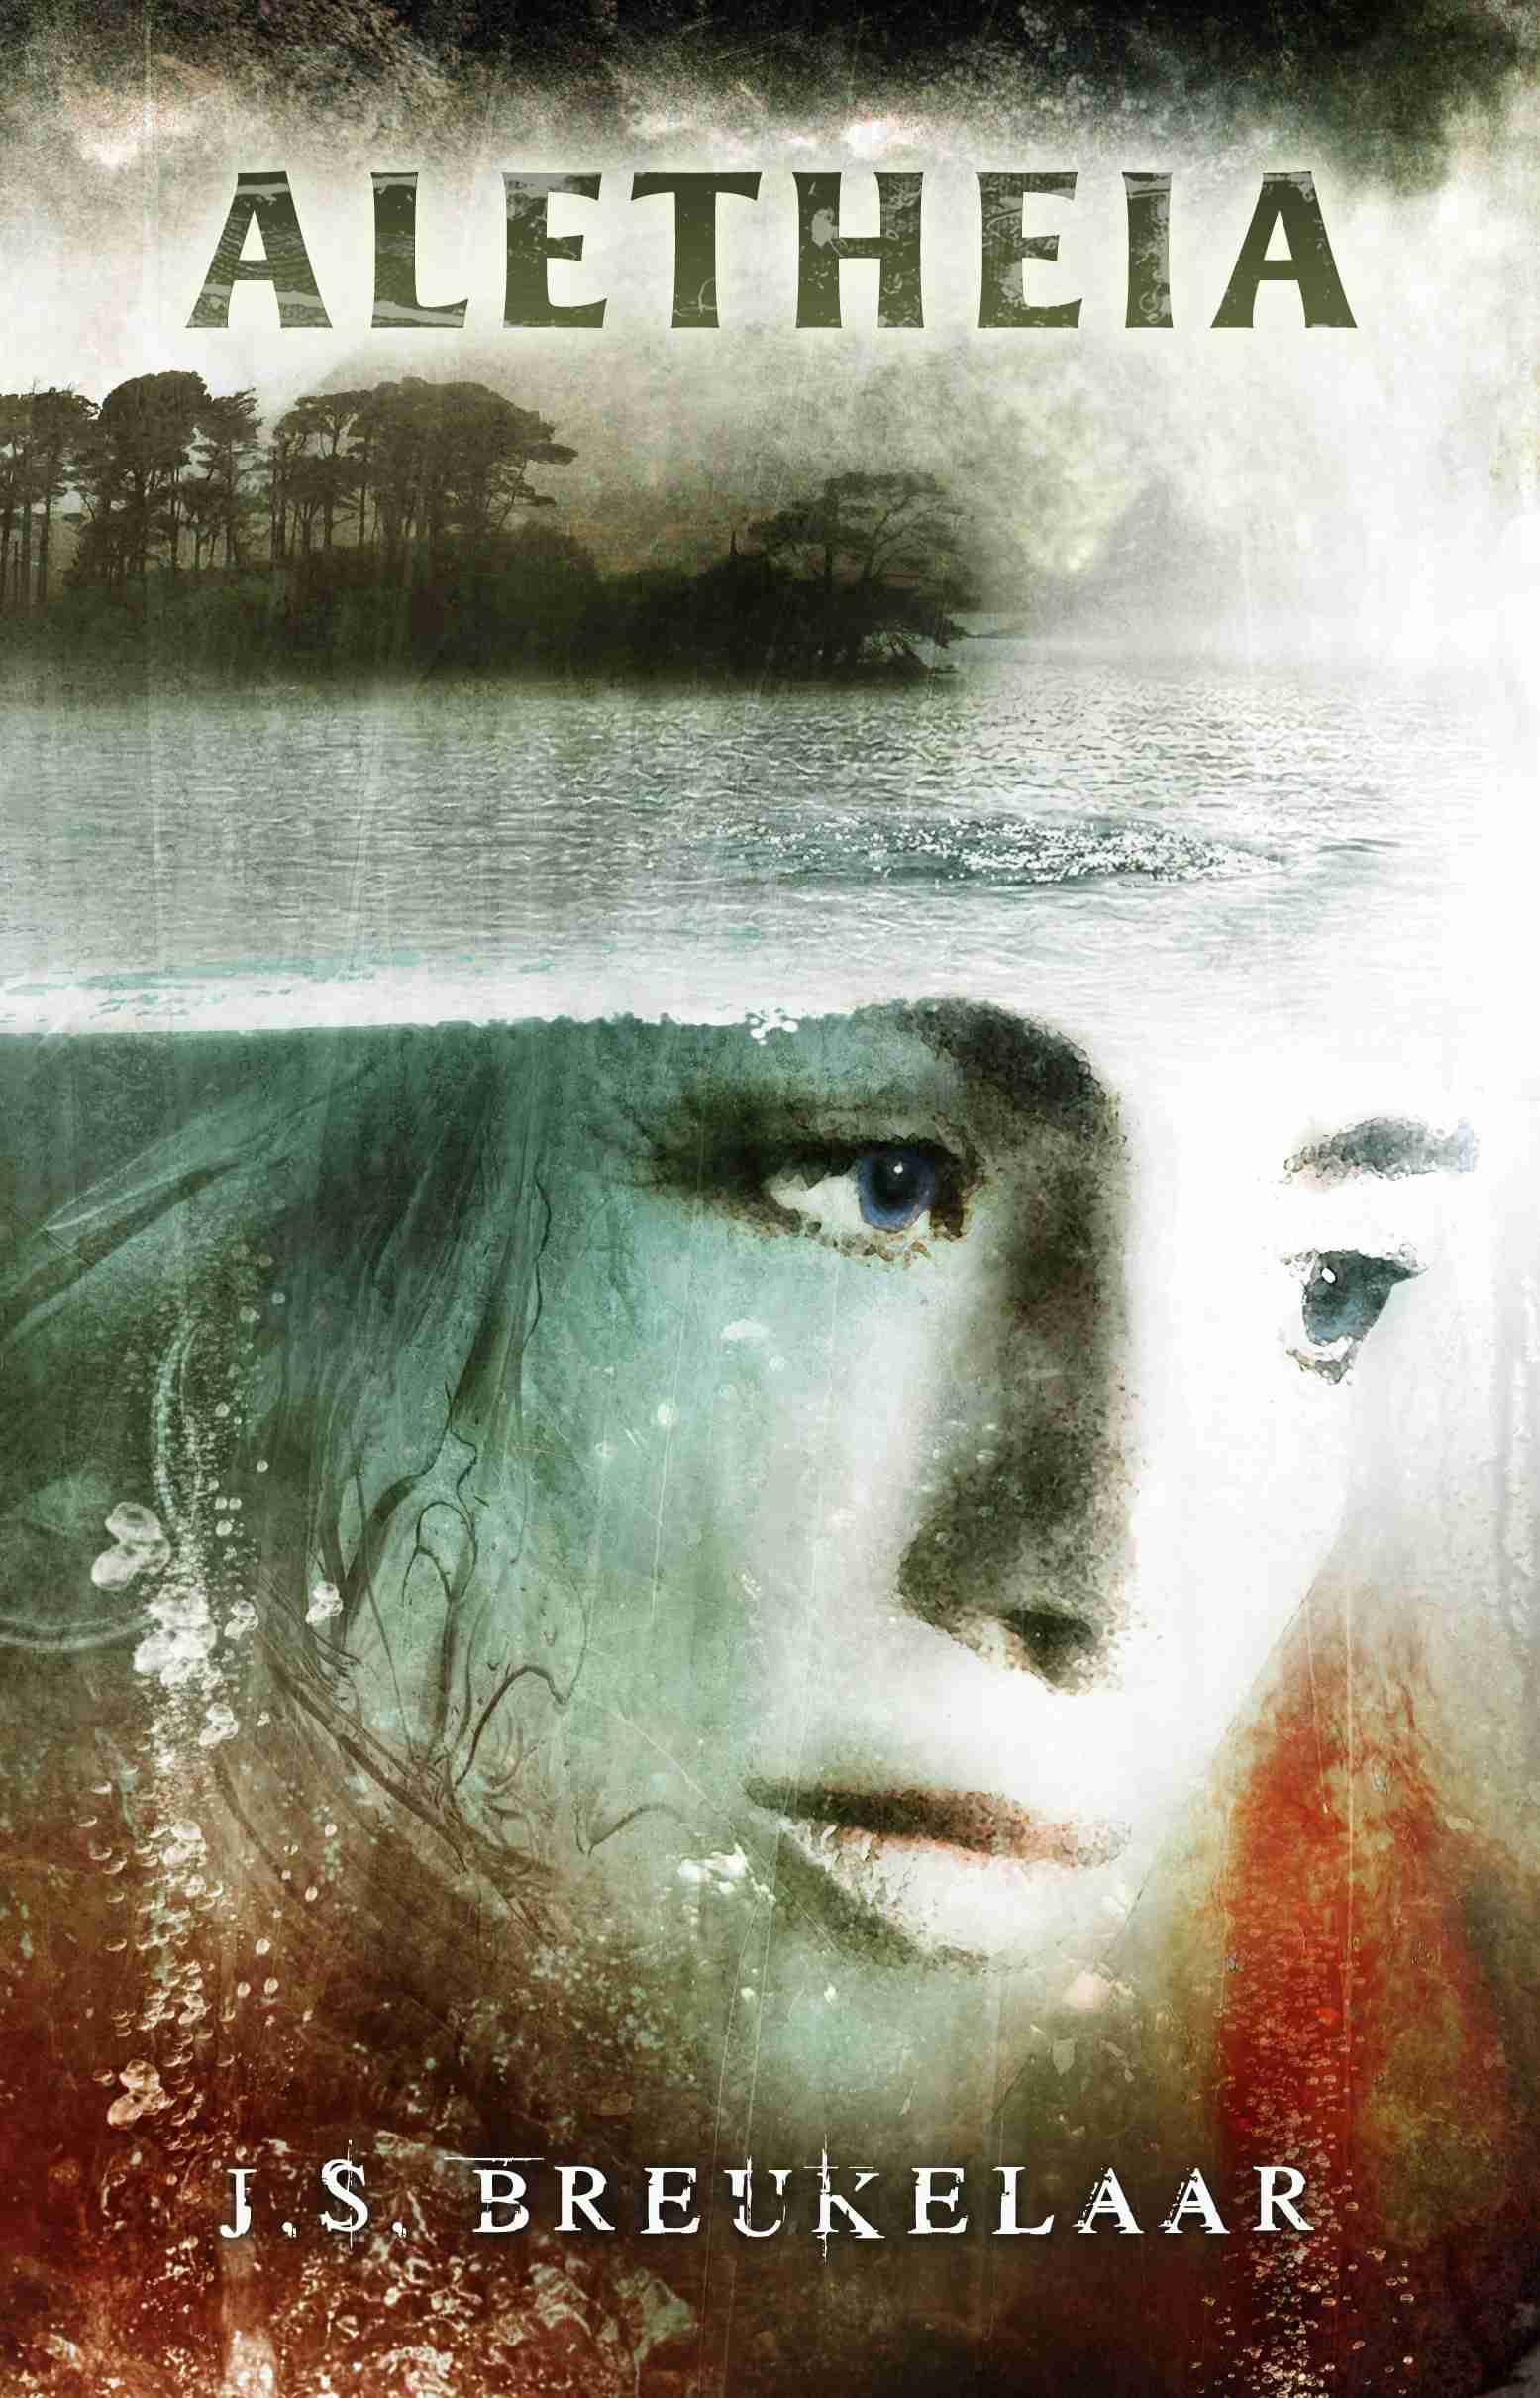 Aletheia, JS Breukelaar cover art Ben Baldwin